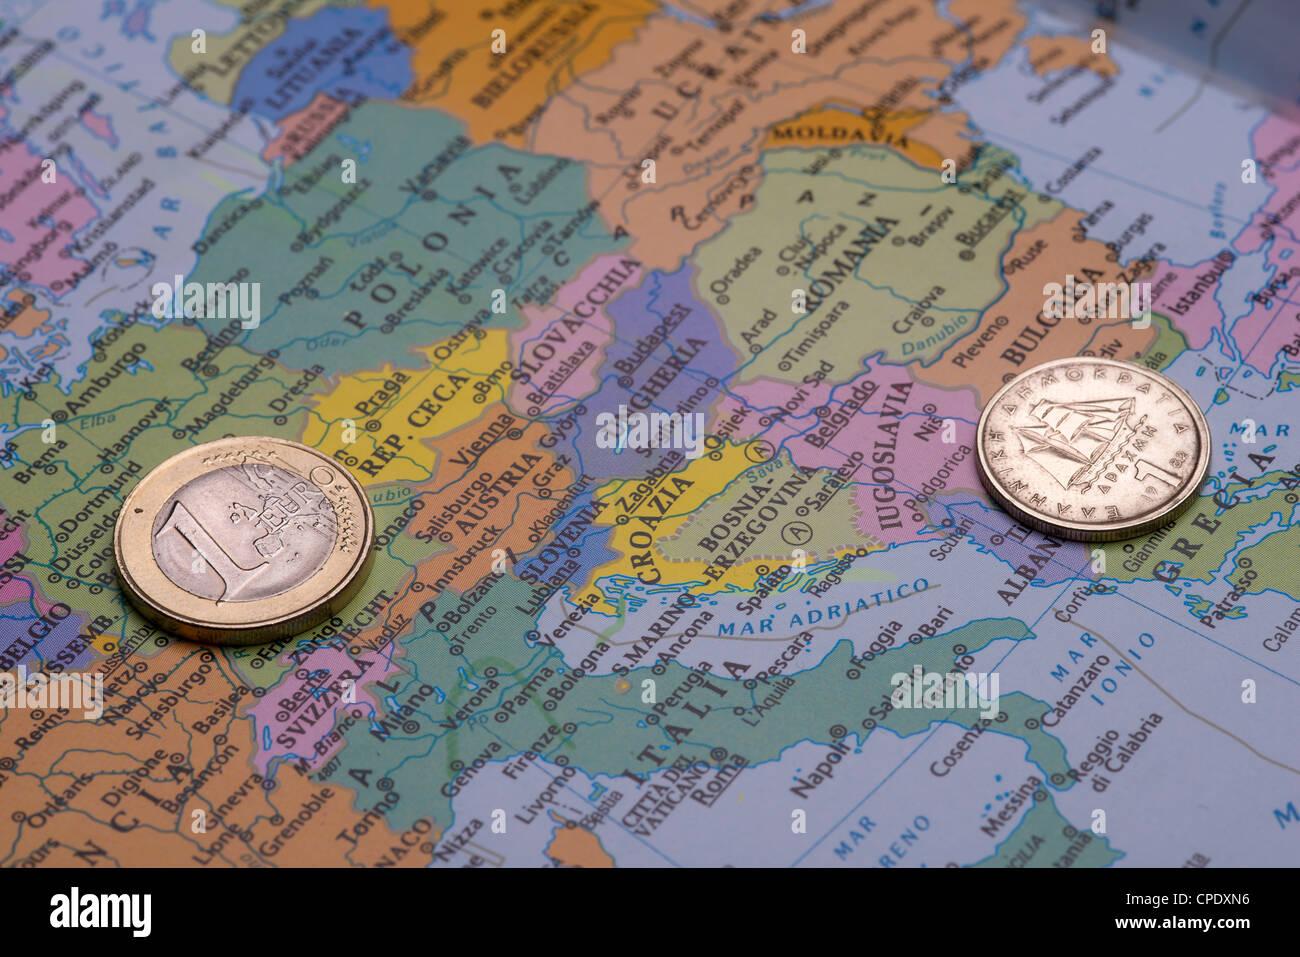 Wirtschaftskrise in Griechenland, die Zukunft des Euro. die Passage im Dracma Währung. Stockfoto